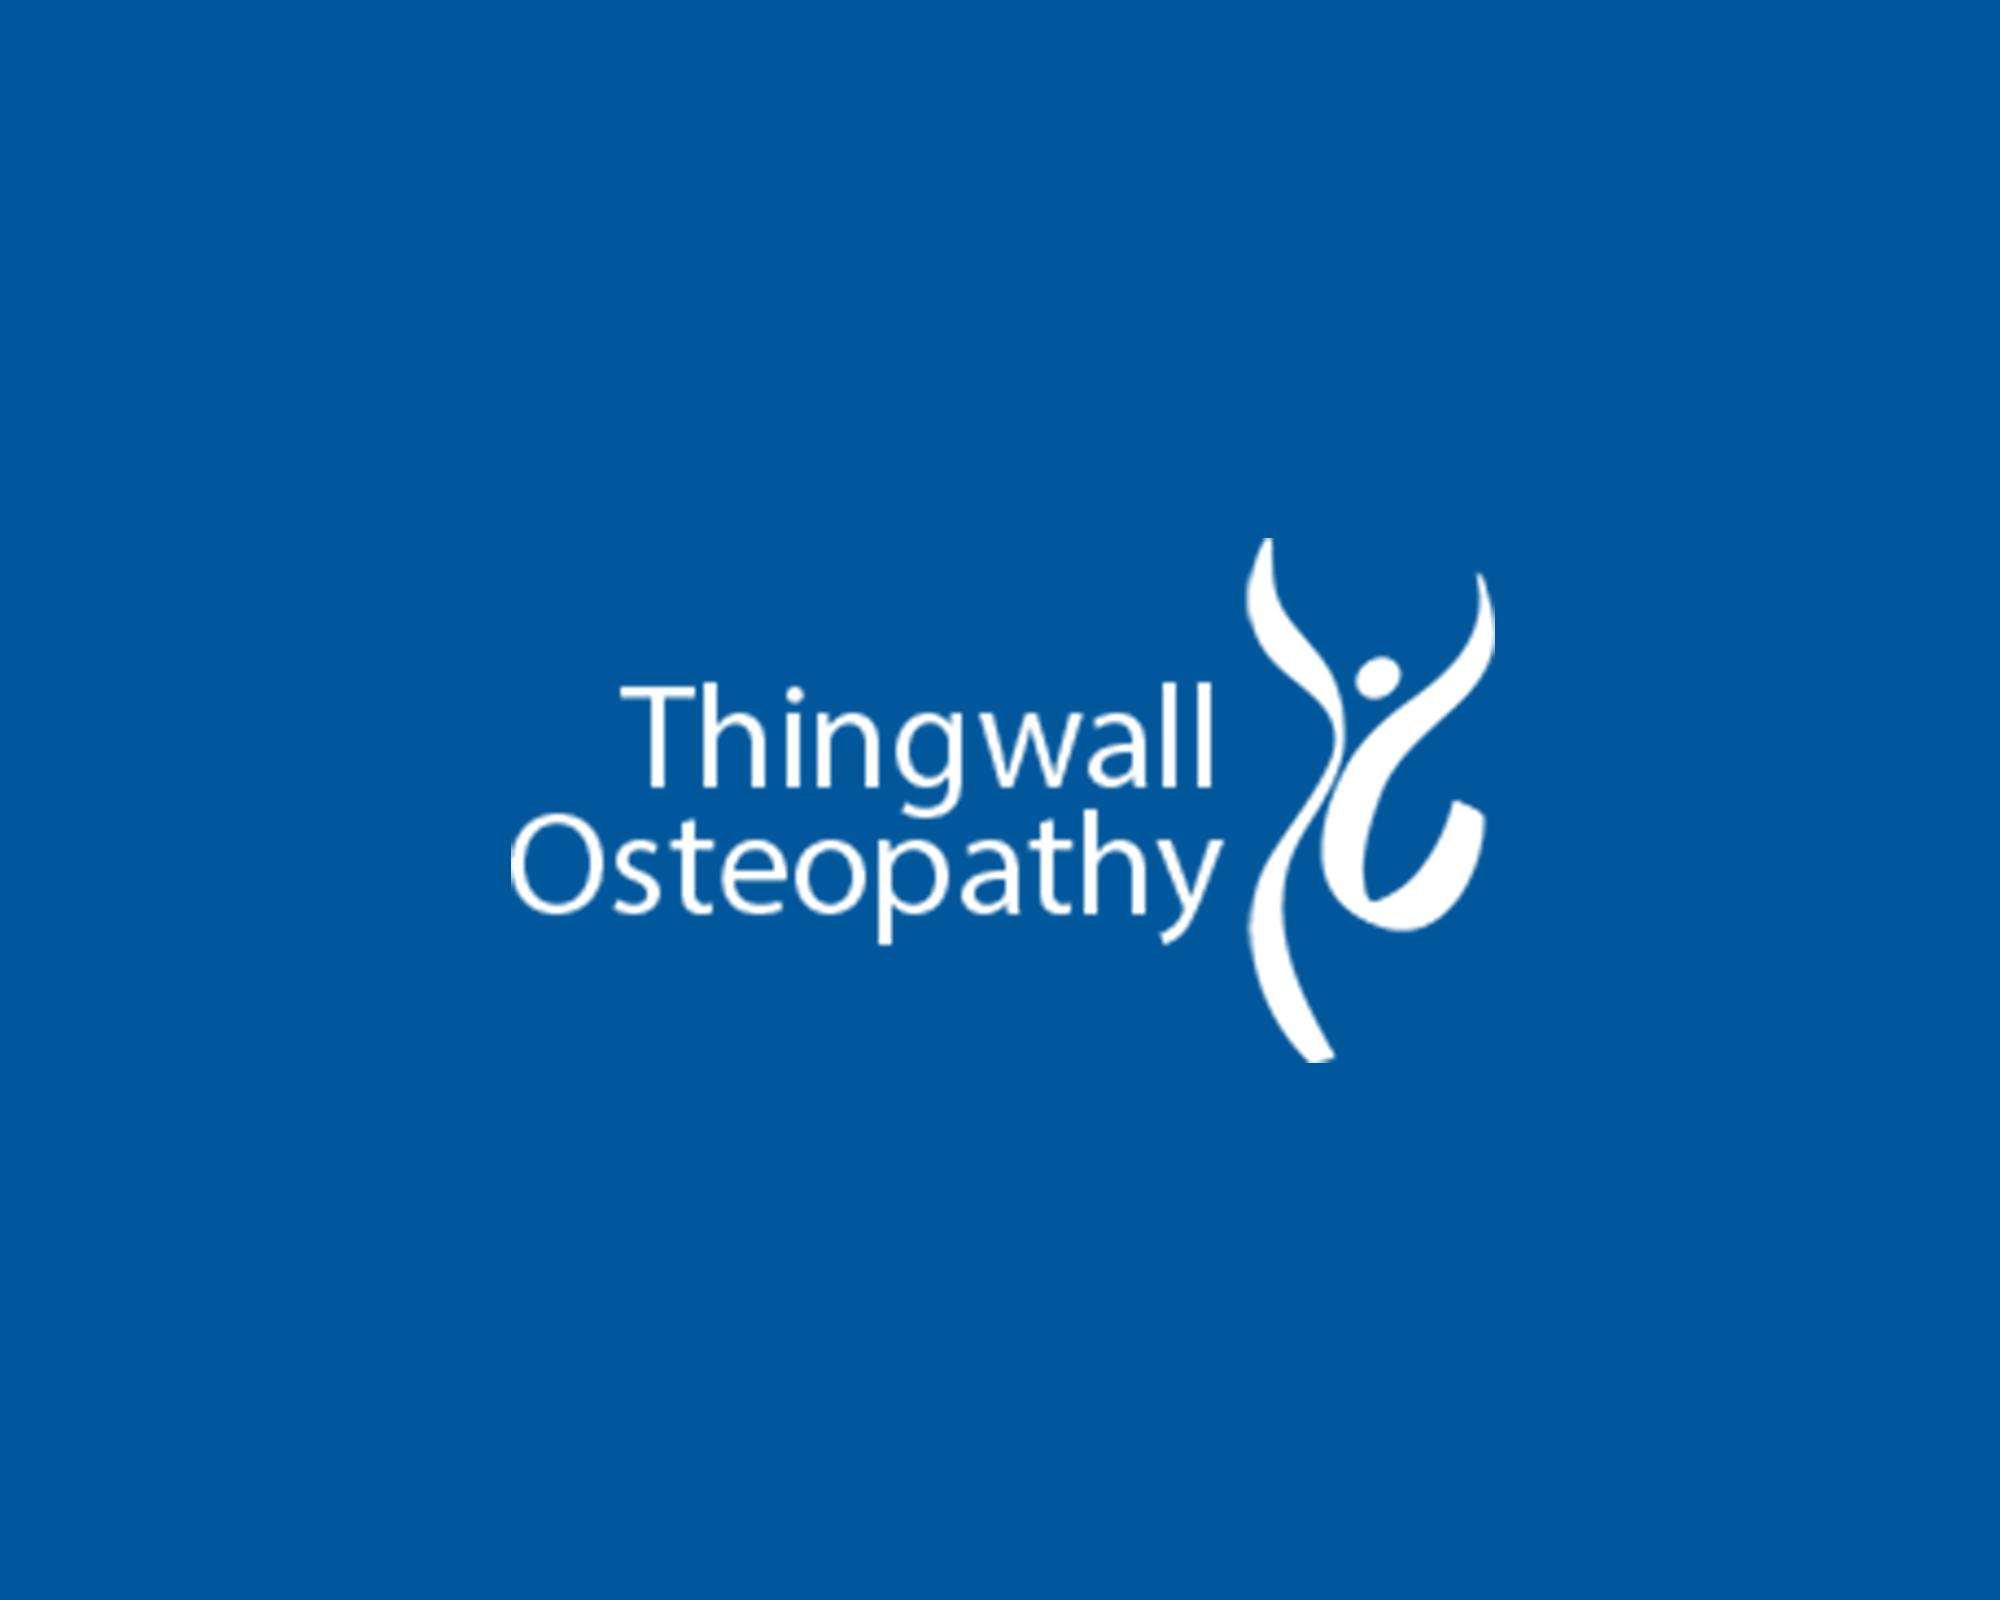 thingwall osteopathy Logo